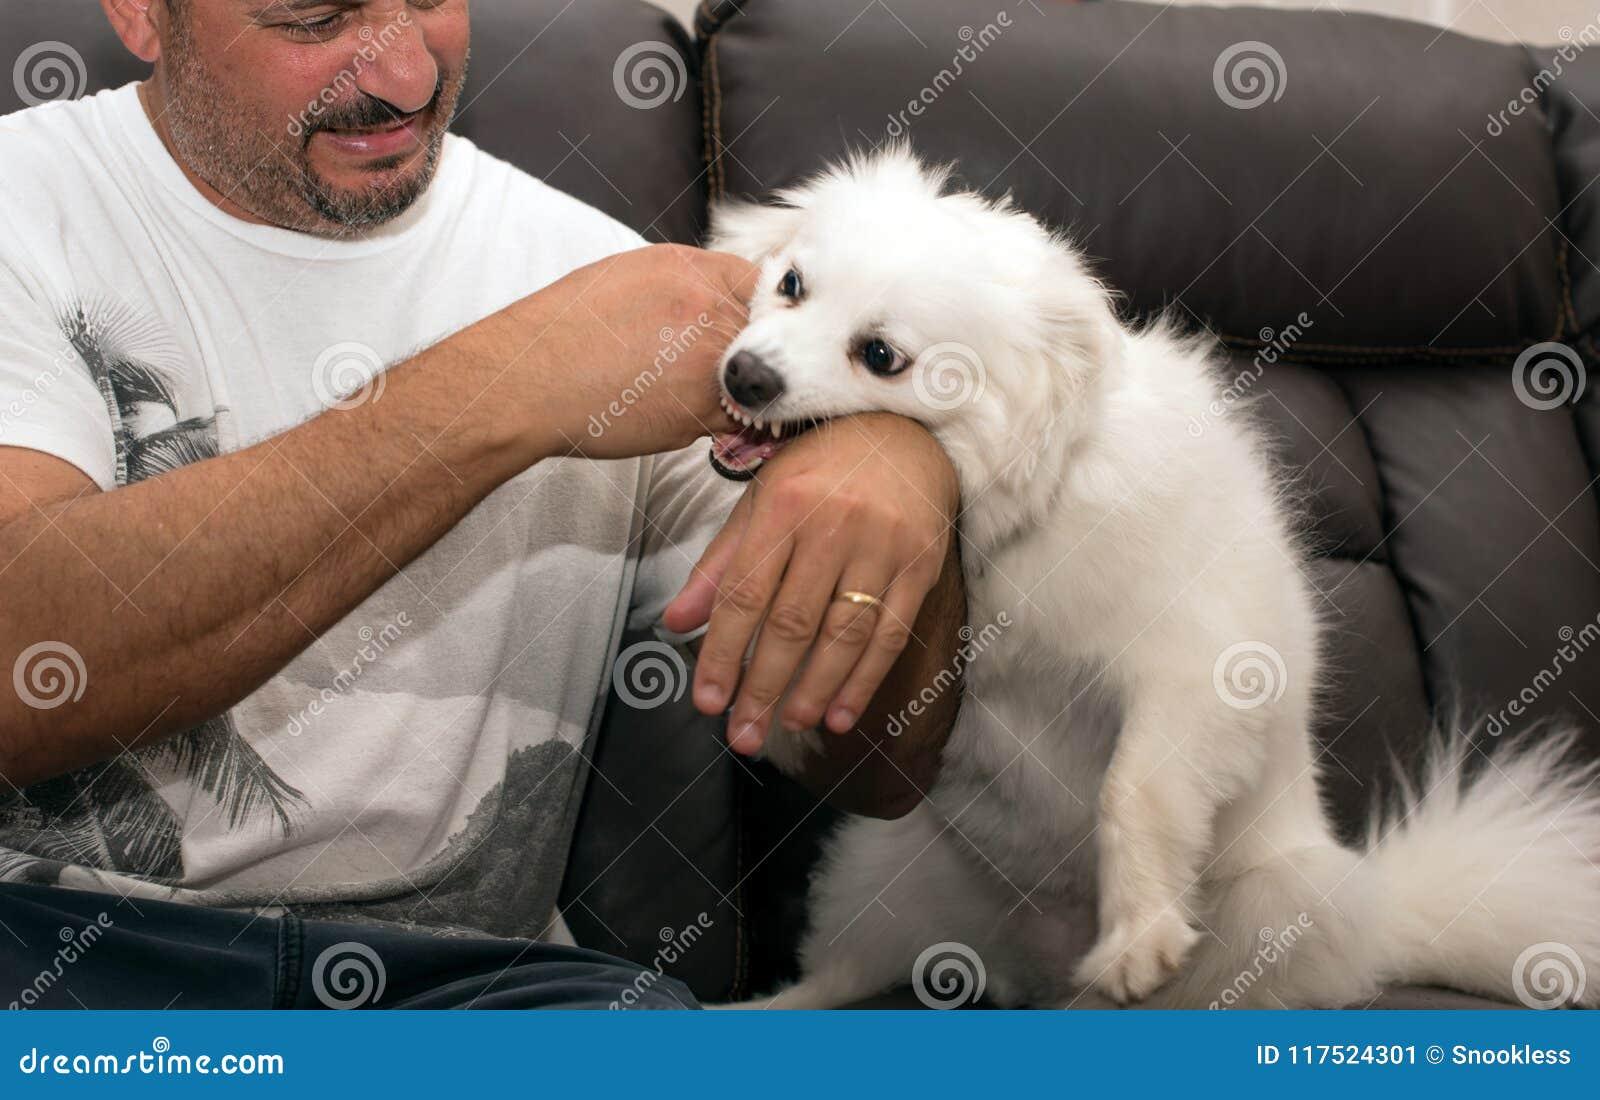 狗被咬住的人